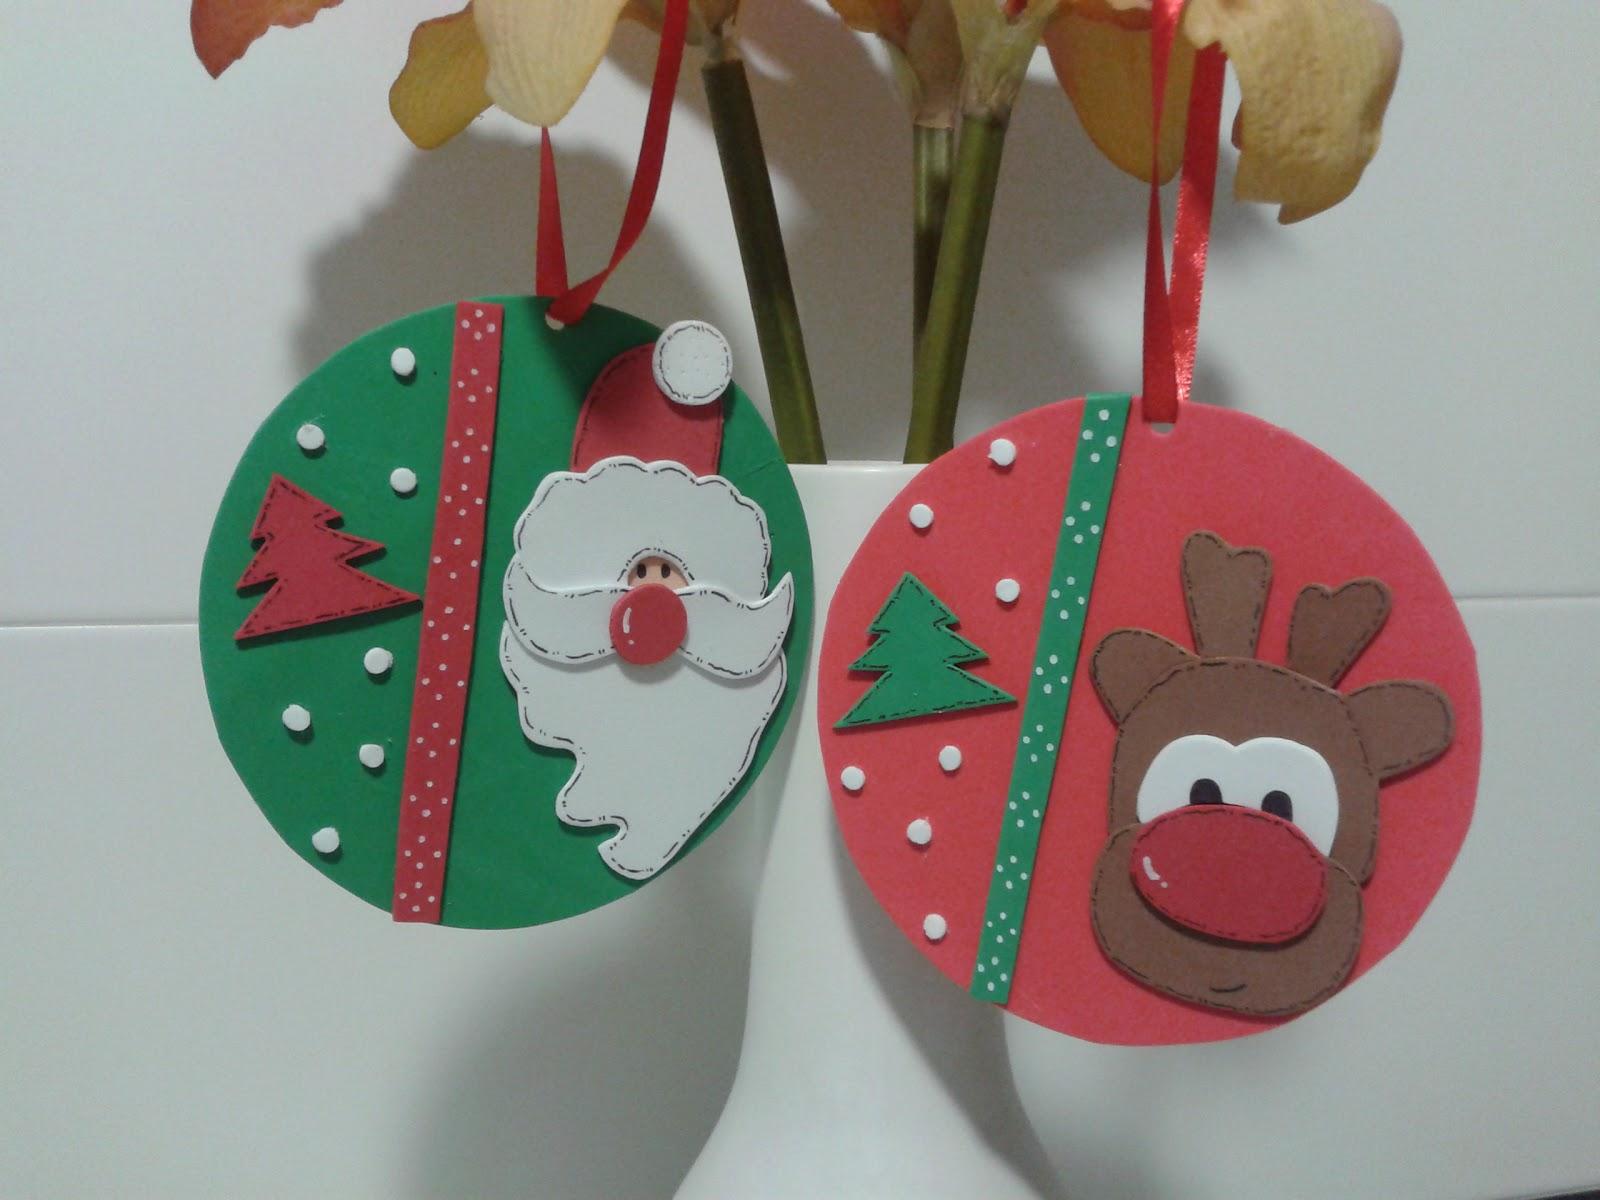 Plantillas adornos navidad goma eva imagui - Plantillas goma eva ...